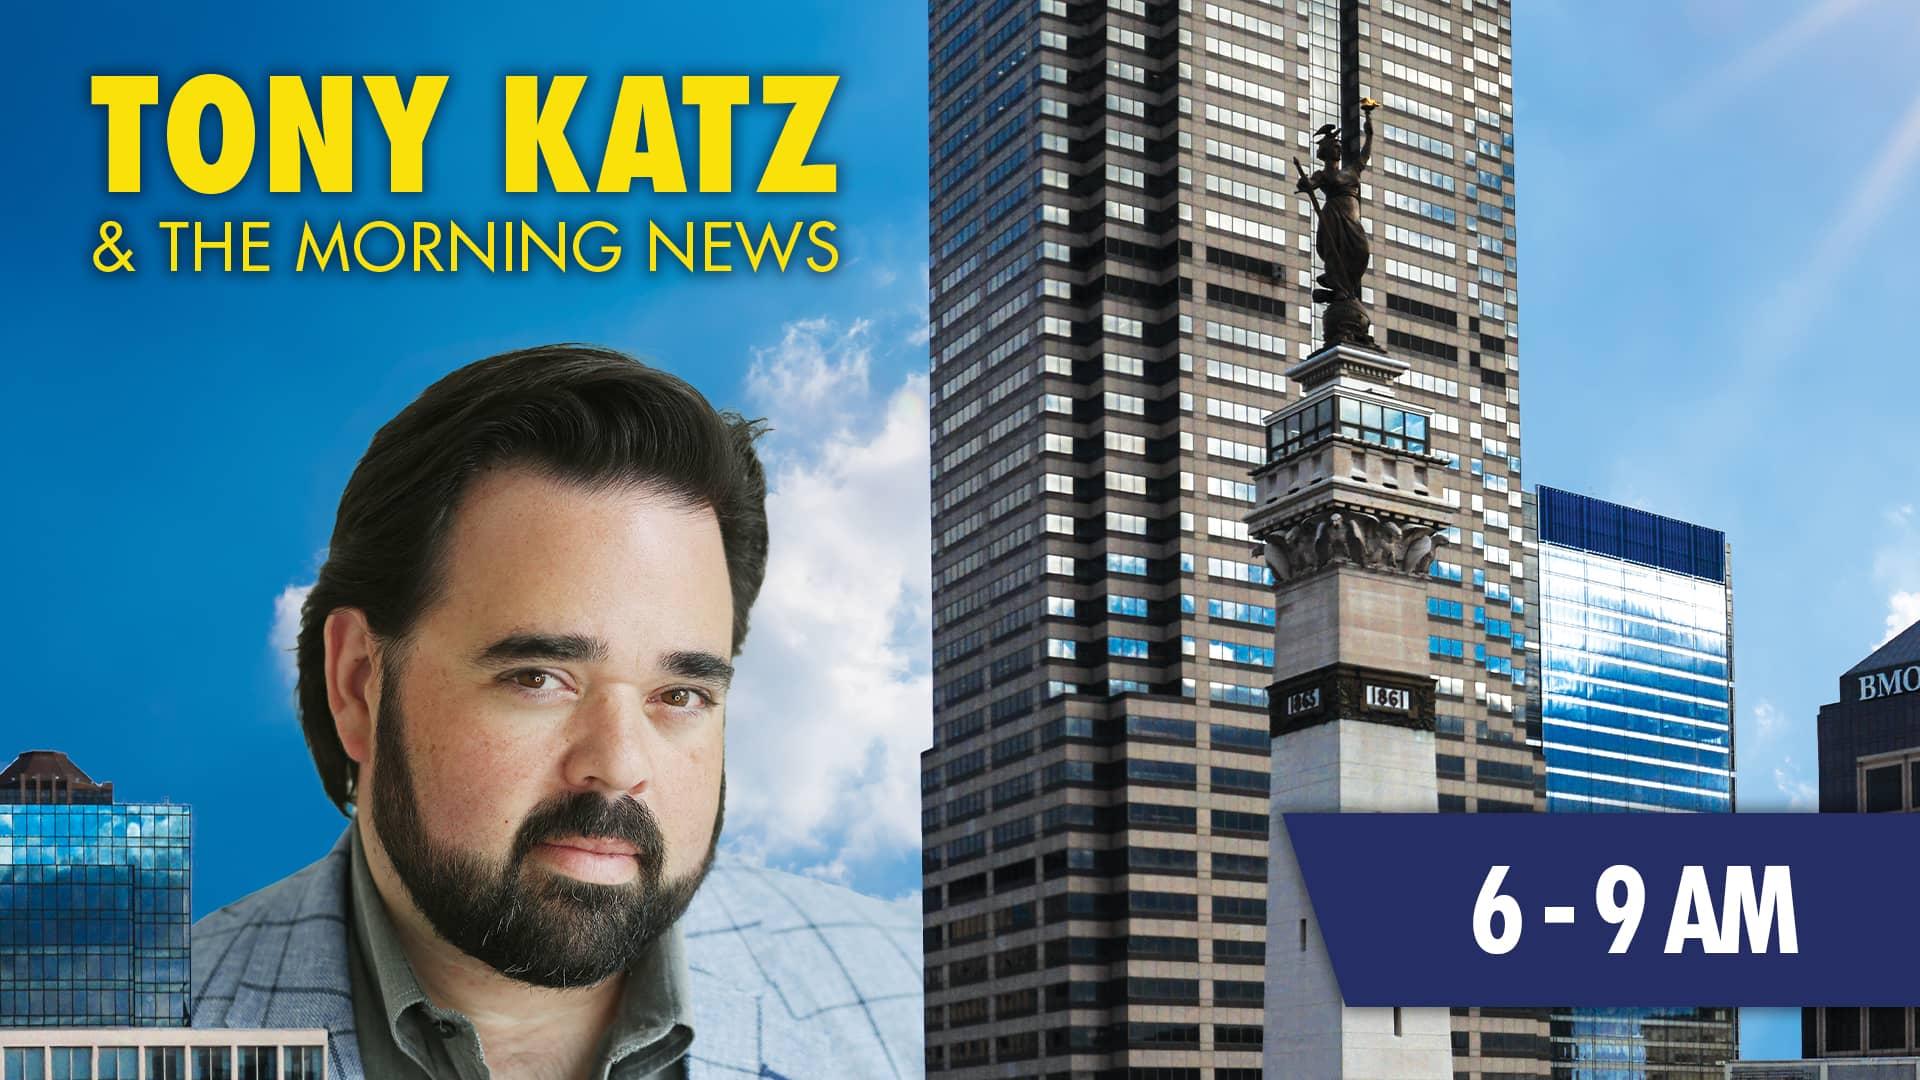 Tony Katz and the morning news 6 - 9 am